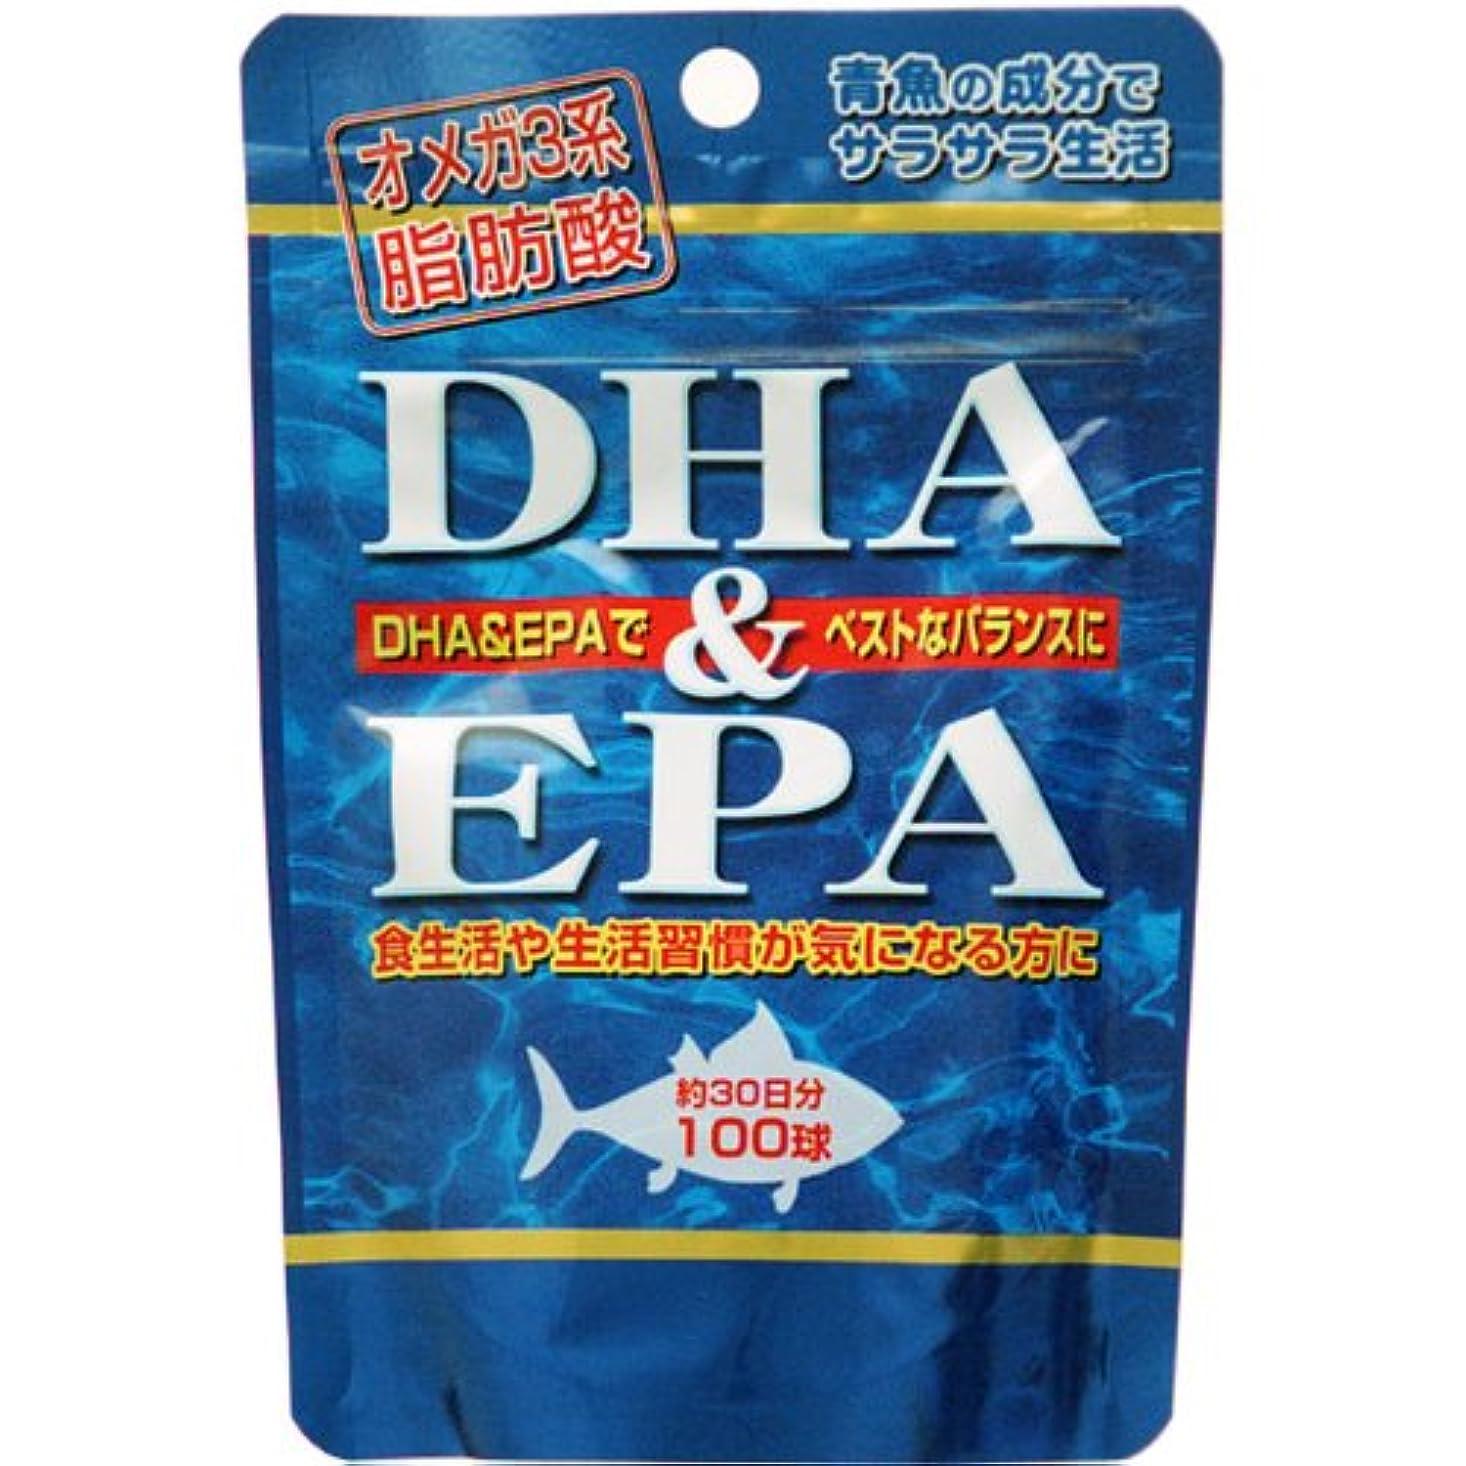 検索エンジンマーケティングワックス熟読するDHA(ドコサヘキサエン酸)&EPA(エイコサペンタエン酸)×5